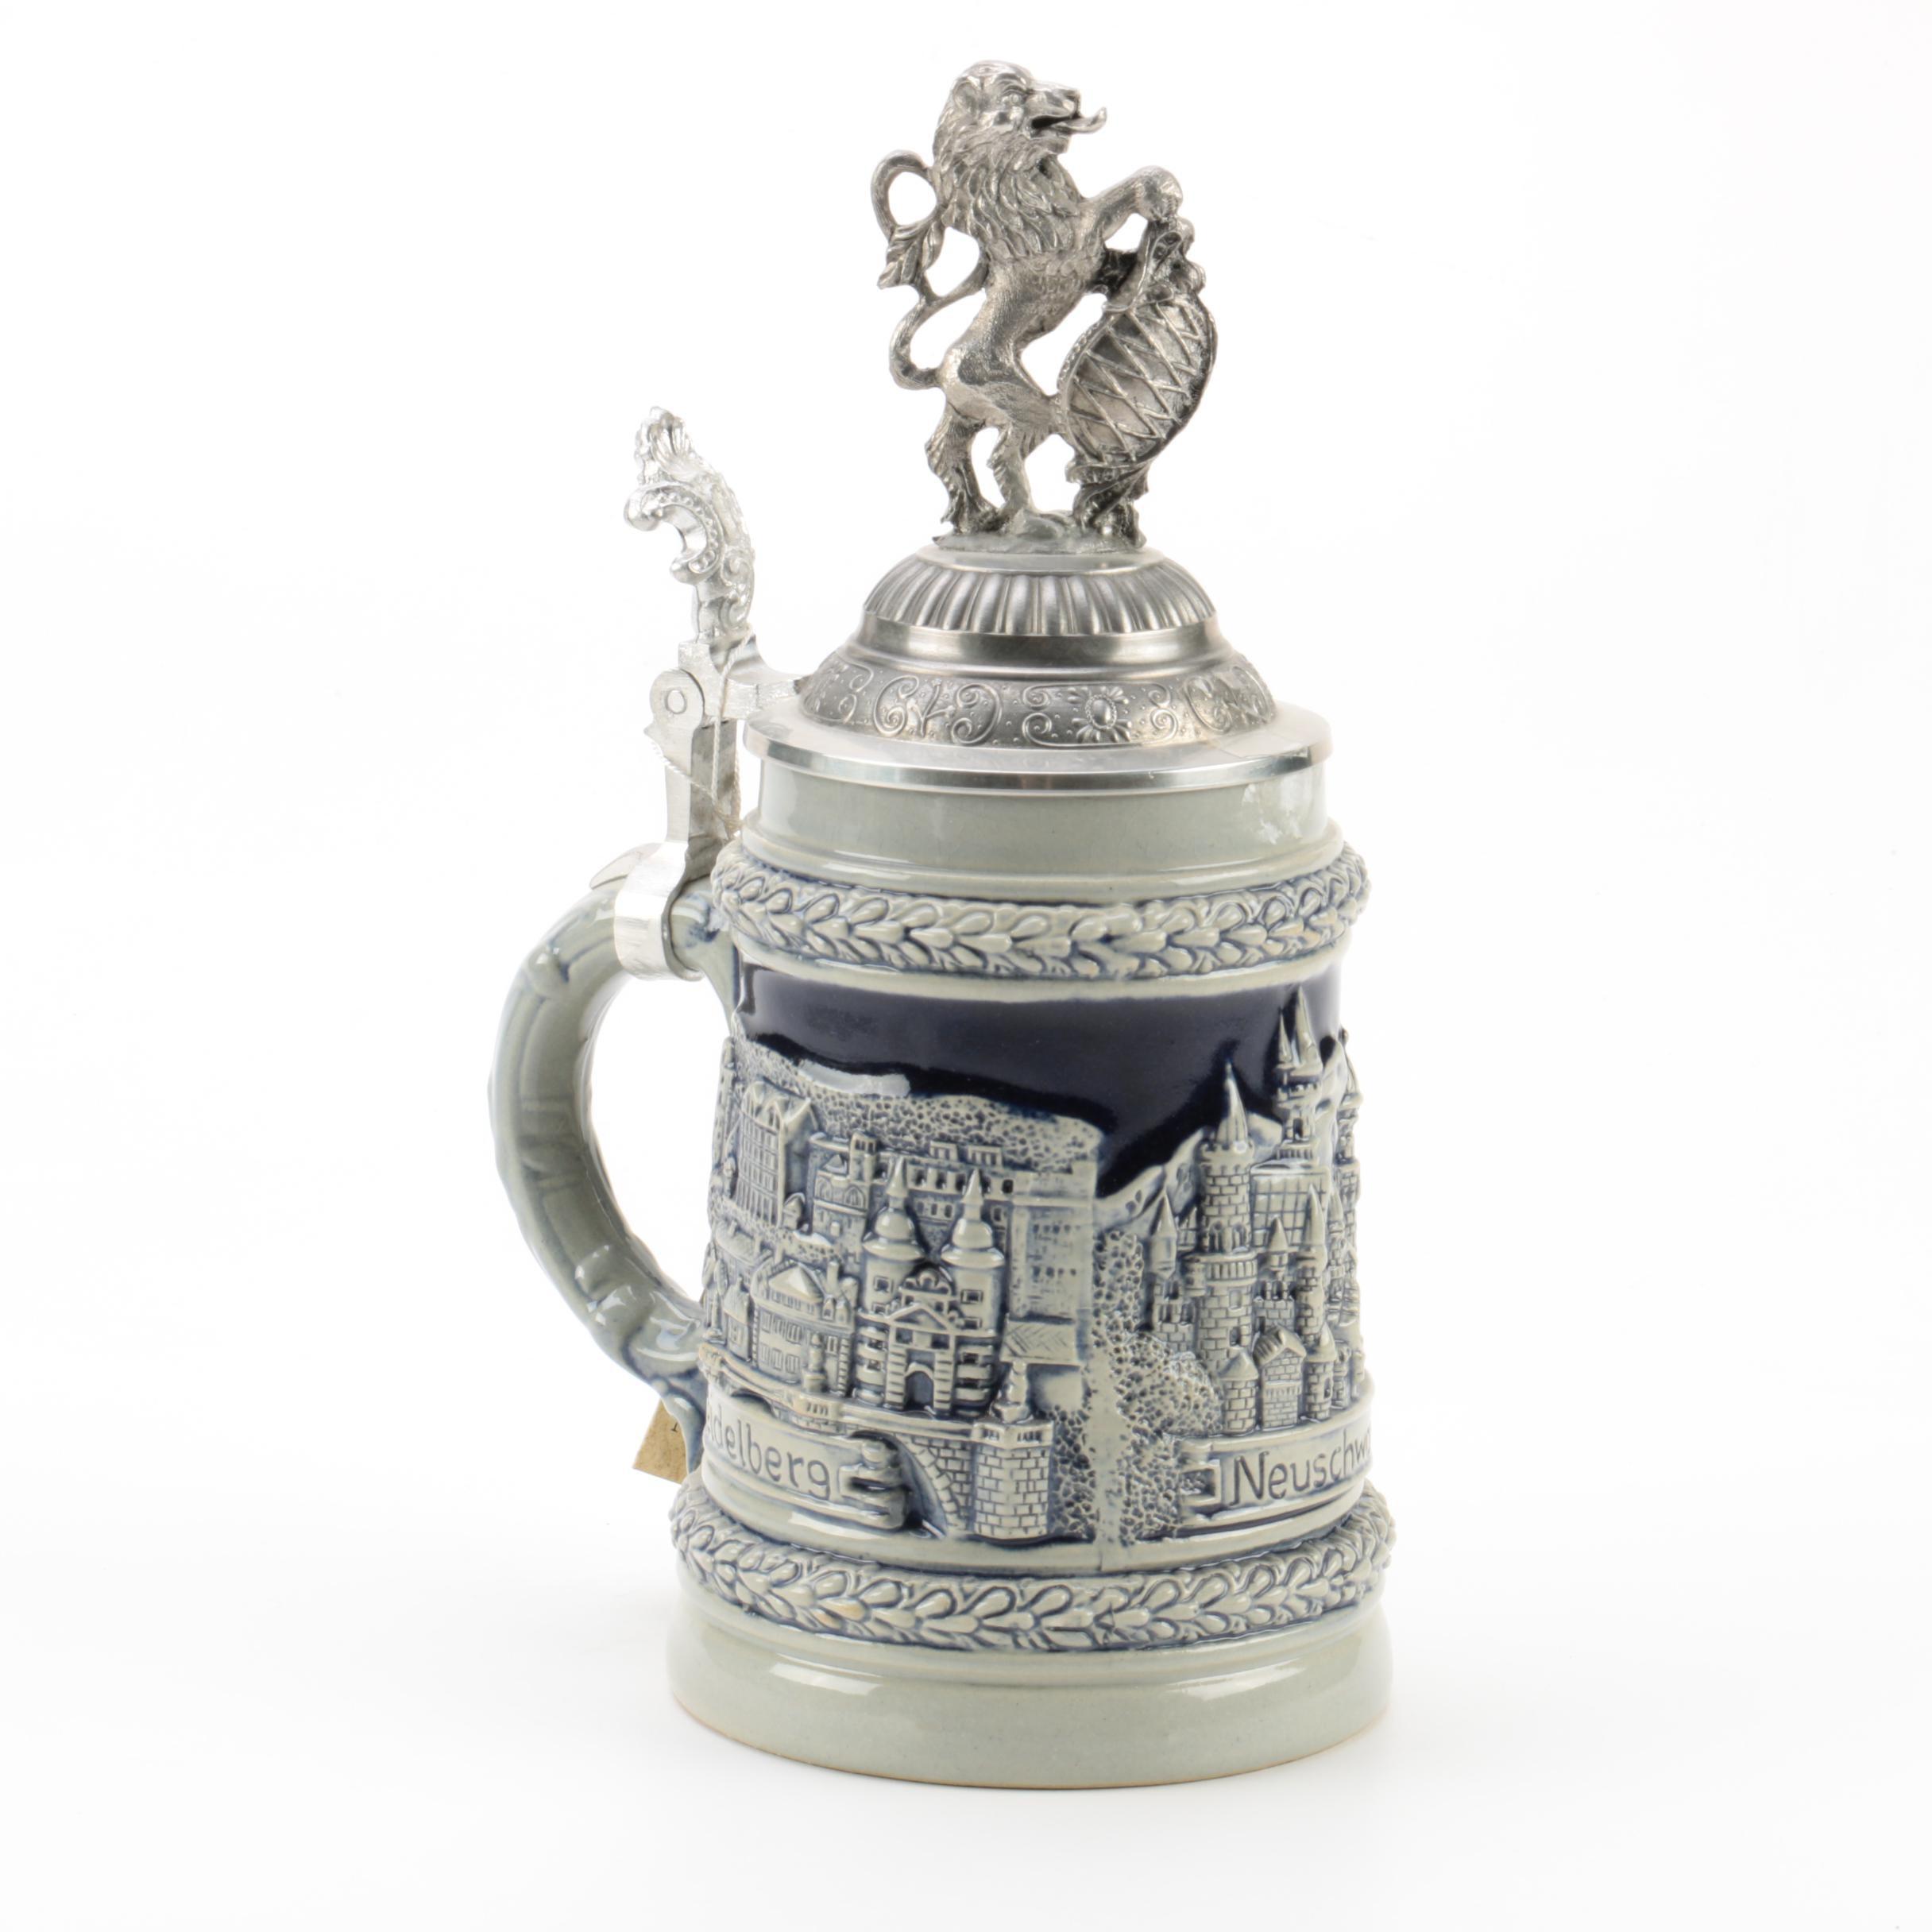 Limited Edition Zöller & Born Ceramic Beer Stein